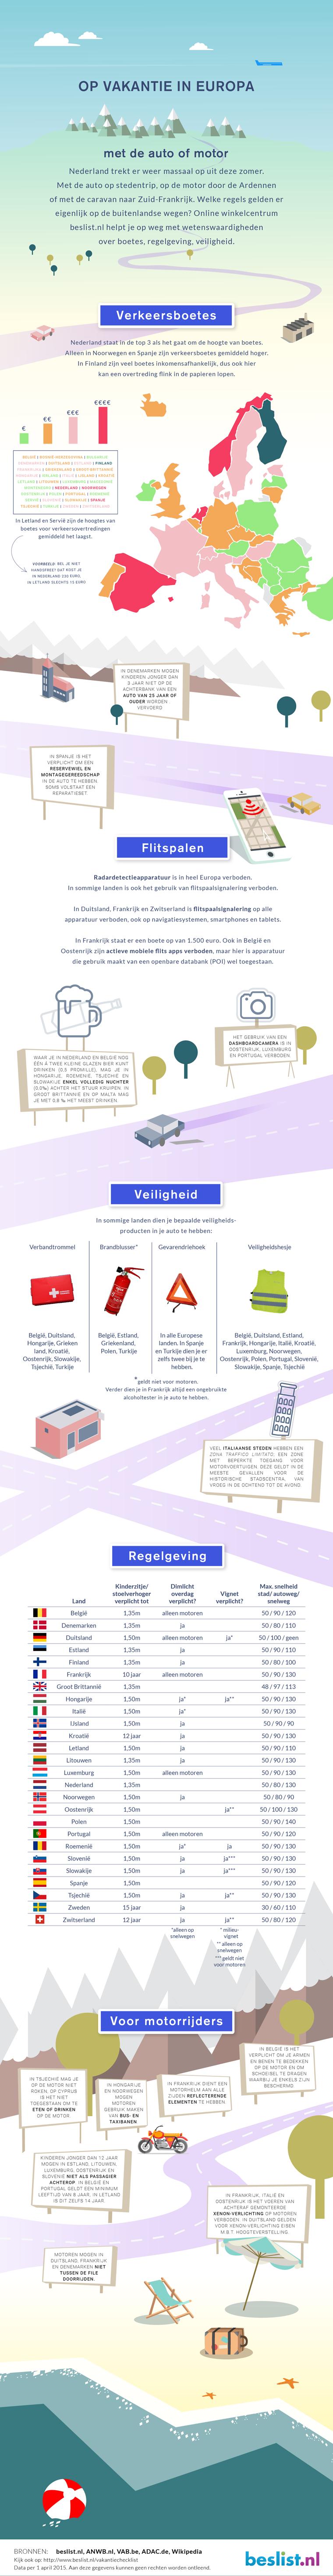 Verkeersregels infographic